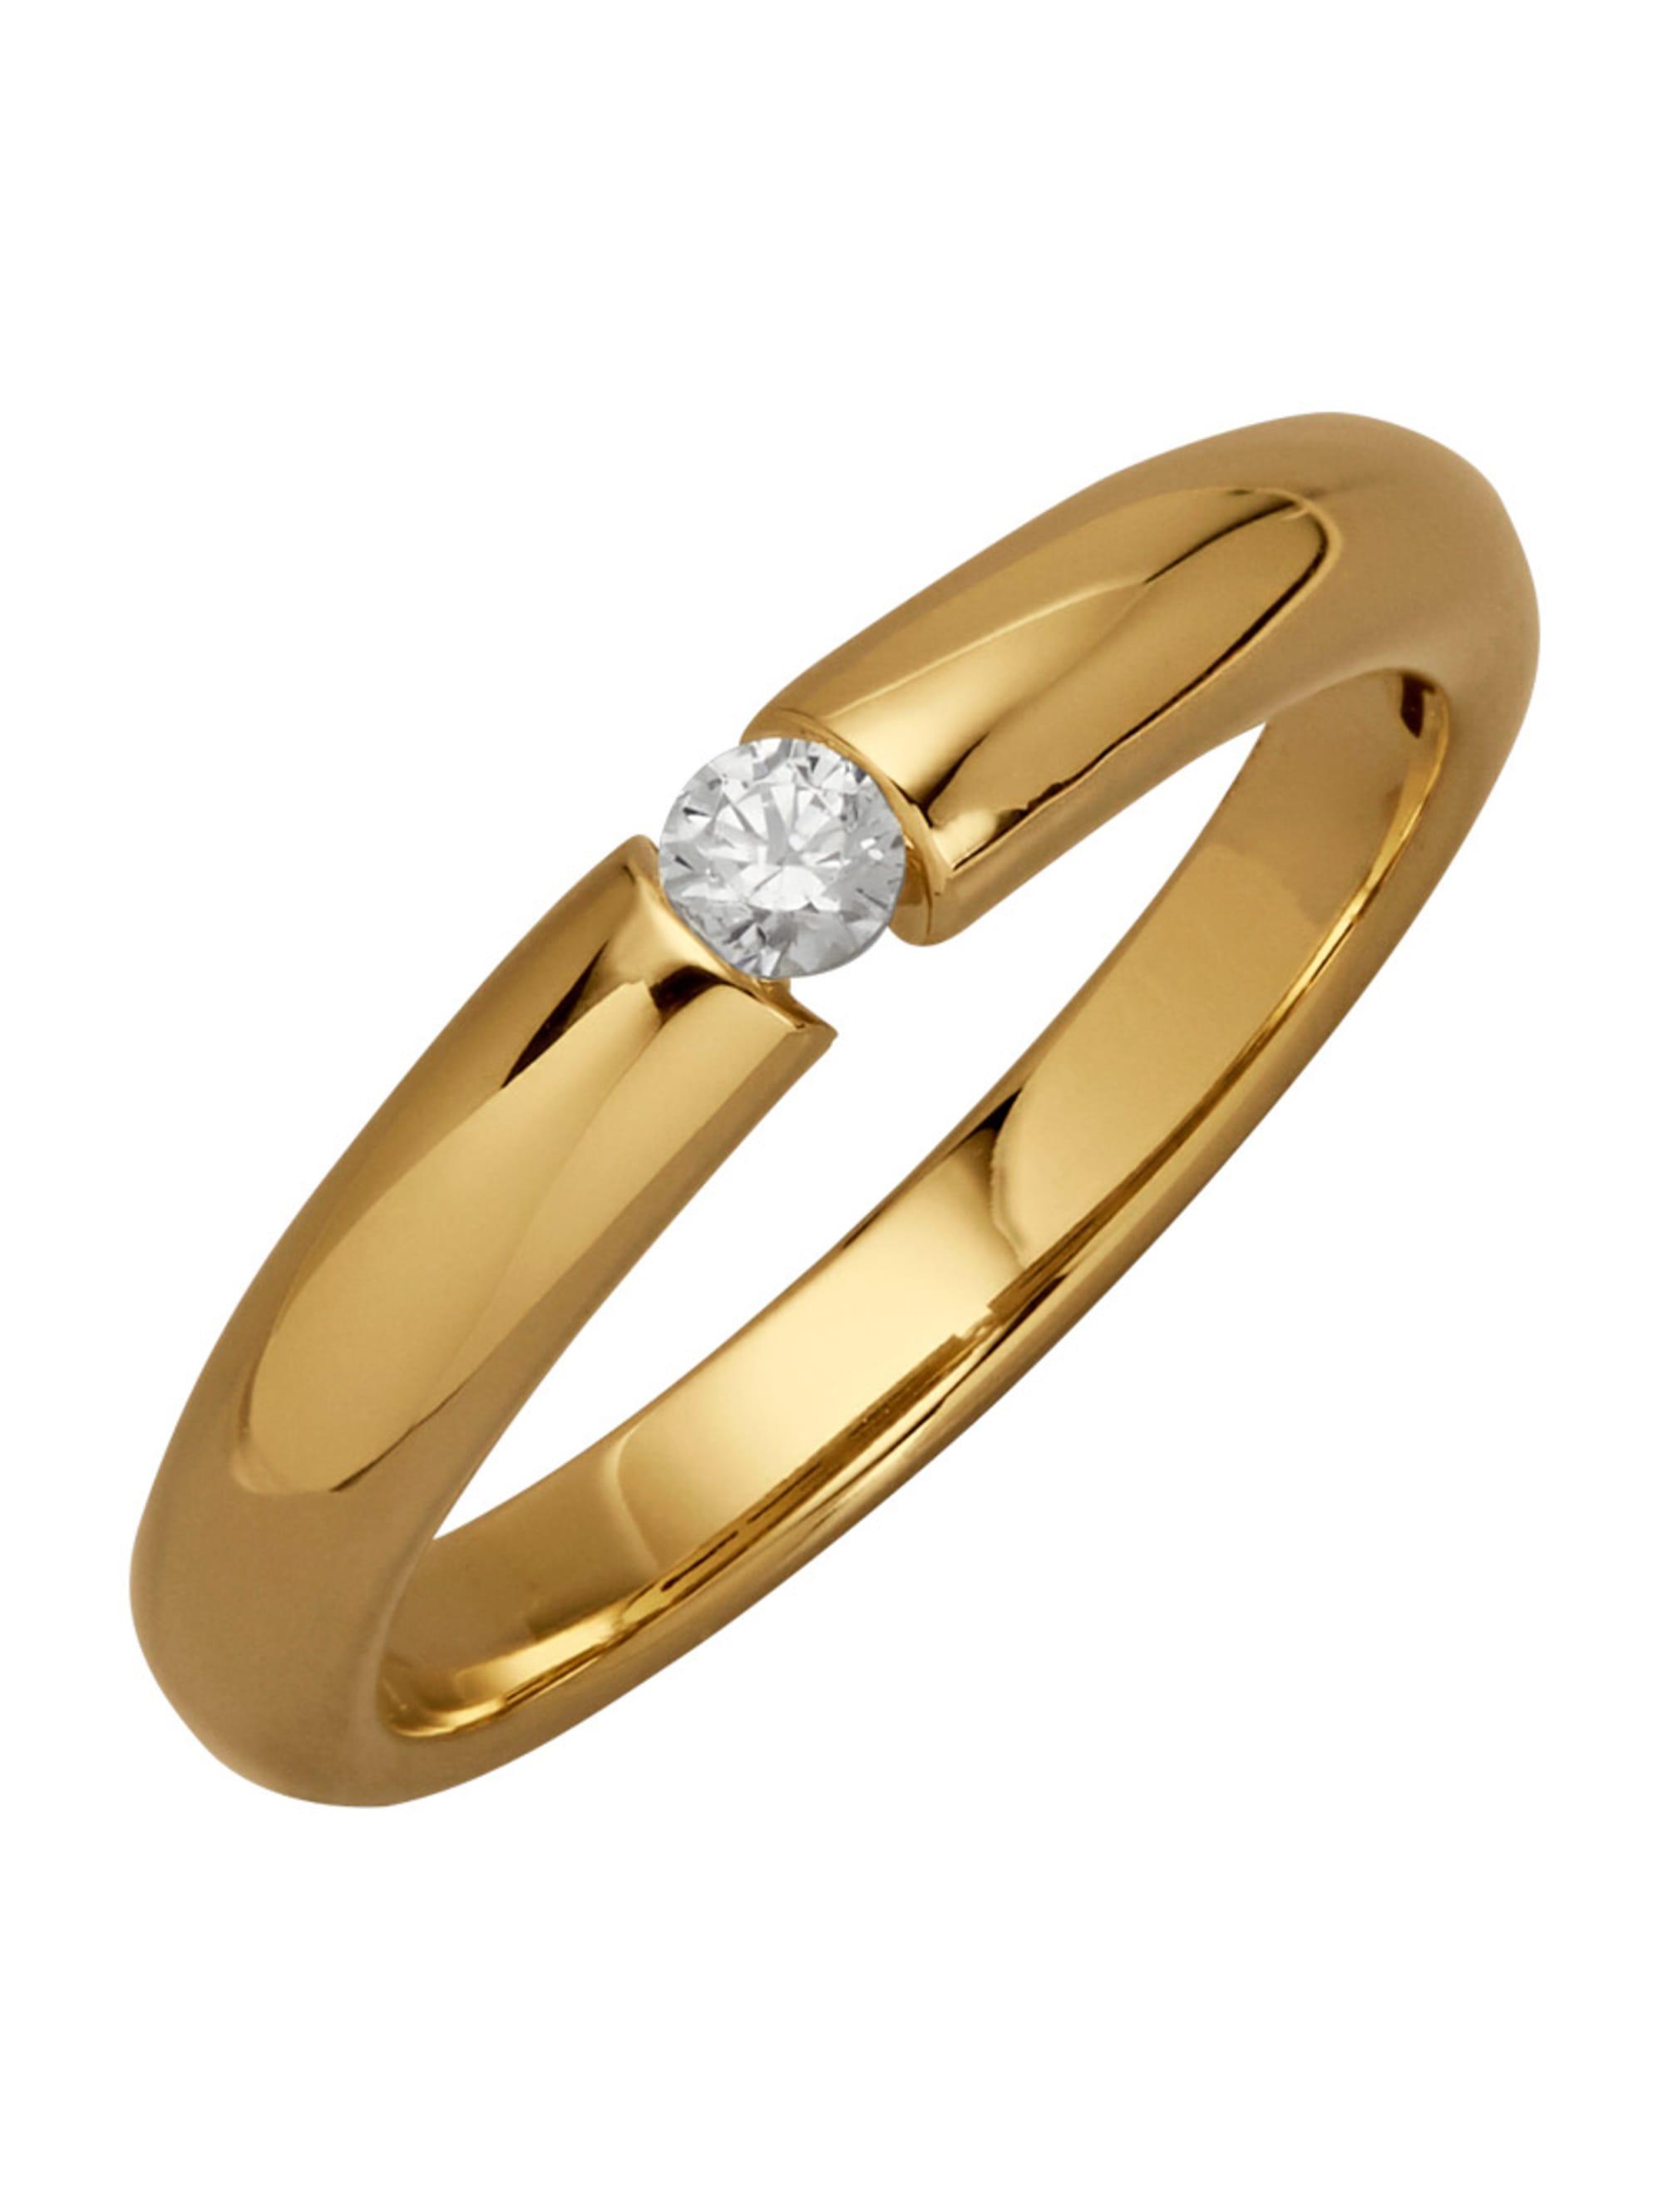 Solitär-Ring mit Brillant pf2re